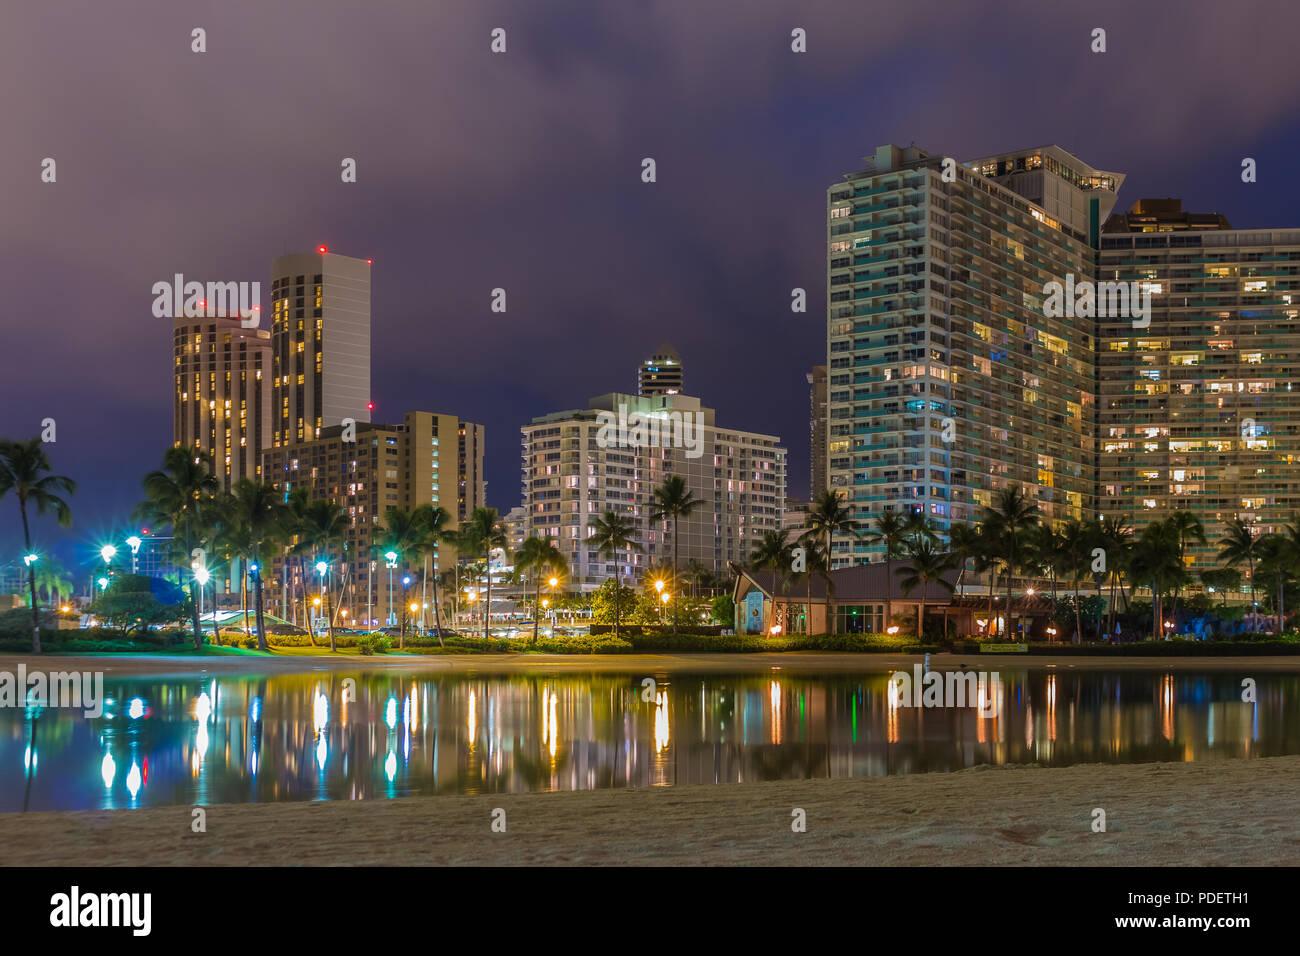 Vue de nuit sur la plage de Waikiki et Diamond Head à Honolulu à Hawaii, USA dans la nuit Photo Stock